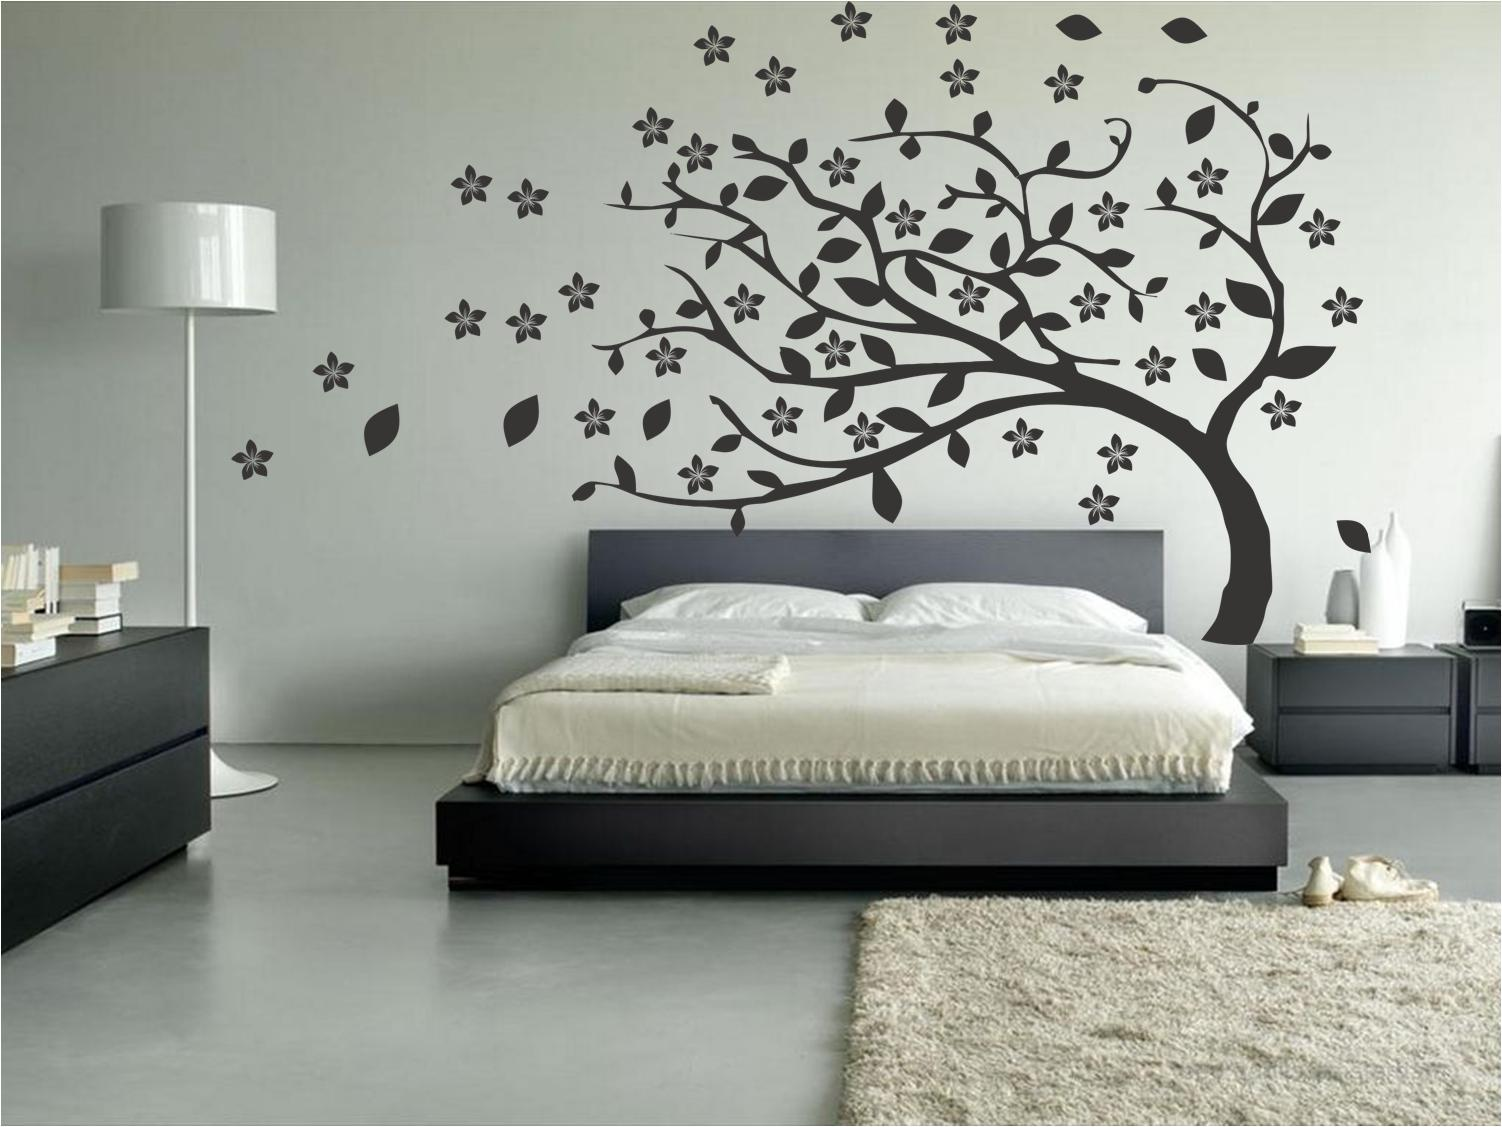 Vinilo cabecero de cama una idea diferente para tu for Decoracion de la pared para el exterior